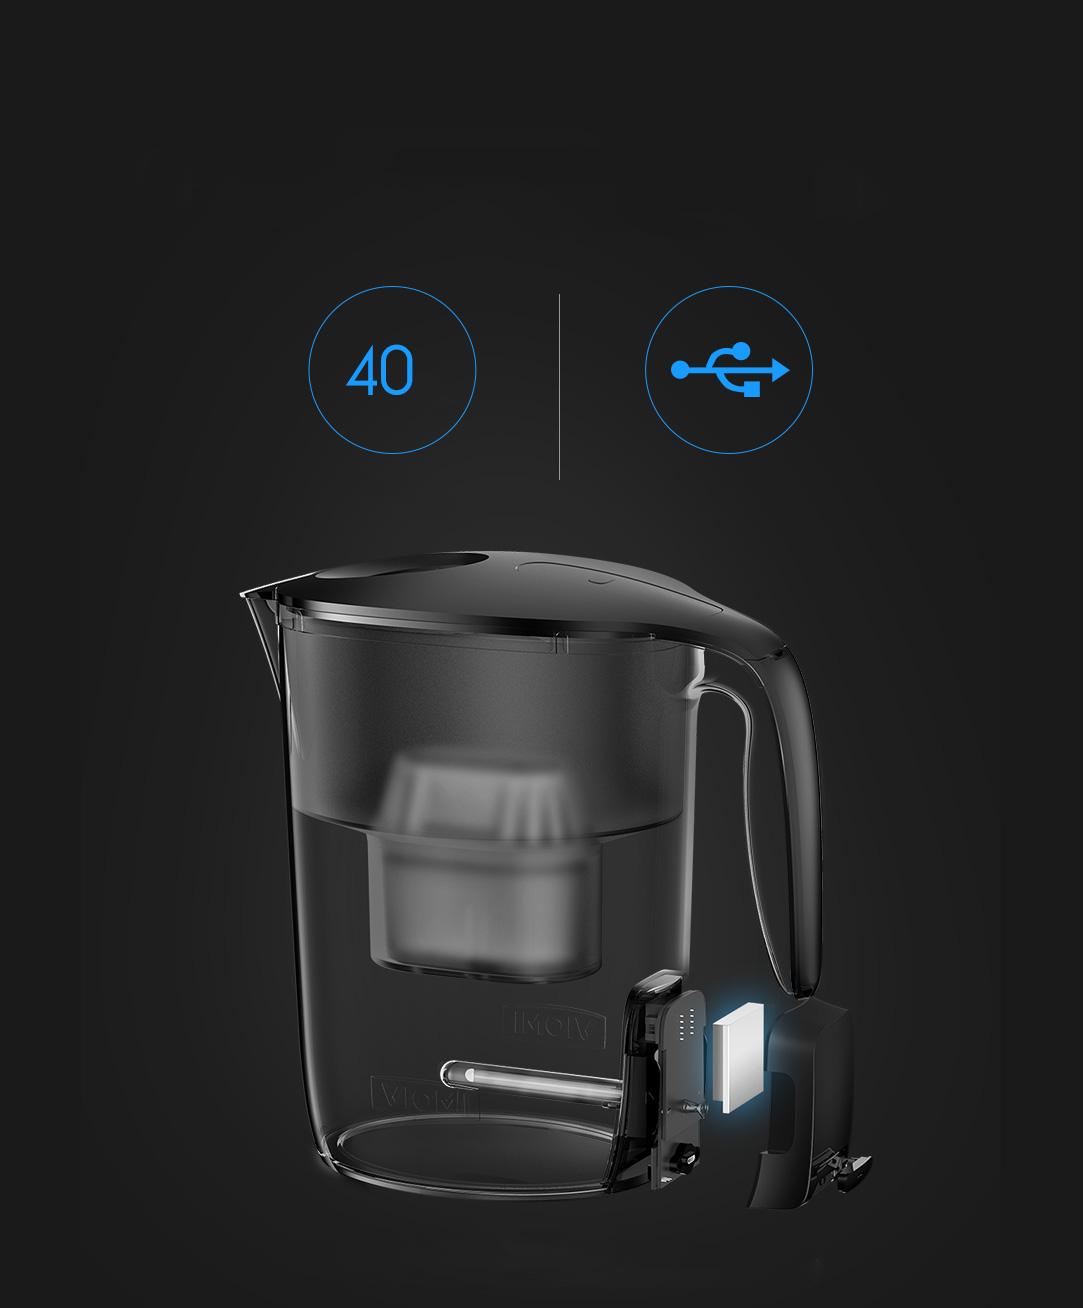 Xiaomi Viomi Filter Kettle - УФ лампы хватает на 40 цыклов очистки воды